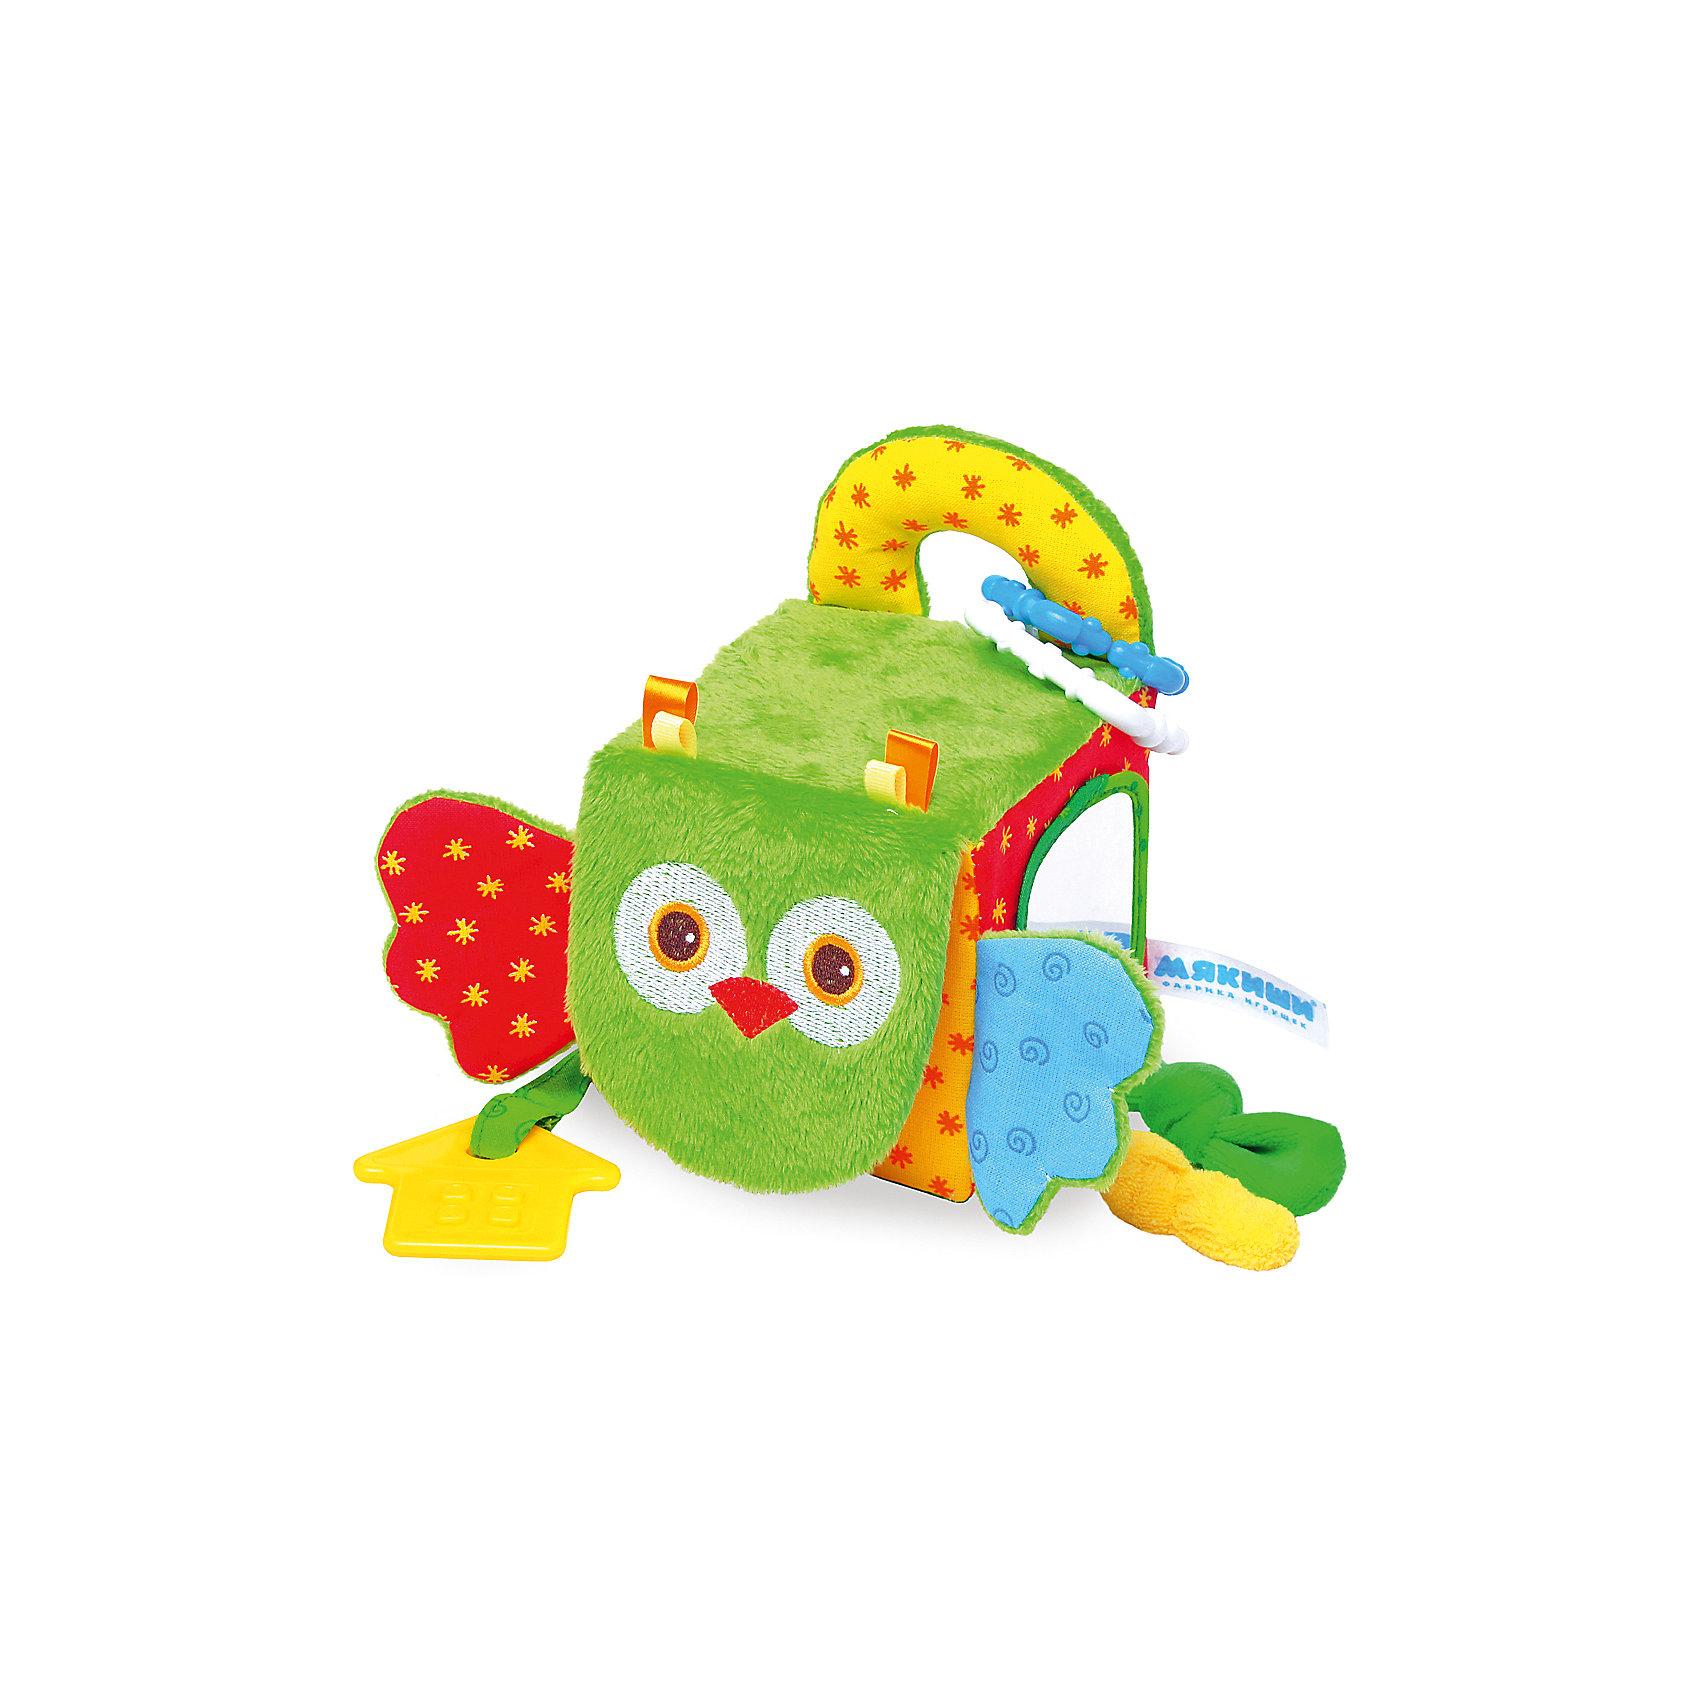 Кубик Сова, МякишиКубики<br>Характеристики товара:<br><br>• материал: разнофактурный текстиль, поролон<br>• комплектация: 1 шт<br>• размер игрушки: 5х20х10 см<br>• звуковой элемент<br>• подвес<br>• прорезыватель<br>• развивающая игрушка<br>• упаковка: картон<br>• страна бренда: РФ<br>• страна изготовитель: РФ<br><br>Малыши активно познают мир и тянутся к новой информации. Чтобы сделать процесс изучения окружающего пространства интереснее, ребенку можно подарить развивающие игрушки. В процессе игры информация усваивается намного лучше!<br>Такие игрушки помогут занять малыша, играть ими приятно и весело. Одновременно они позволят познакомиться со многими цветами, фактурами, а также научиться извлекать звук. Подобные игрушки развивают тактильные ощущения, моторику, цветовосприятие, логику, воображение, учат фокусировать внимание. Каждое изделие абсолютно безопасно – оно создано из качественной ткани с мягким наполнителем. Игрушки производятся из качественных и проверенных материалов, которые безопасны для детей.<br><br>Кубик Сова от бренда Мякиши можно купить в нашем интернет-магазине.<br><br>Ширина мм: 155<br>Глубина мм: 200<br>Высота мм: 100<br>Вес г: 90<br>Возраст от месяцев: 12<br>Возраст до месяцев: 36<br>Пол: Унисекс<br>Возраст: Детский<br>SKU: 5183213